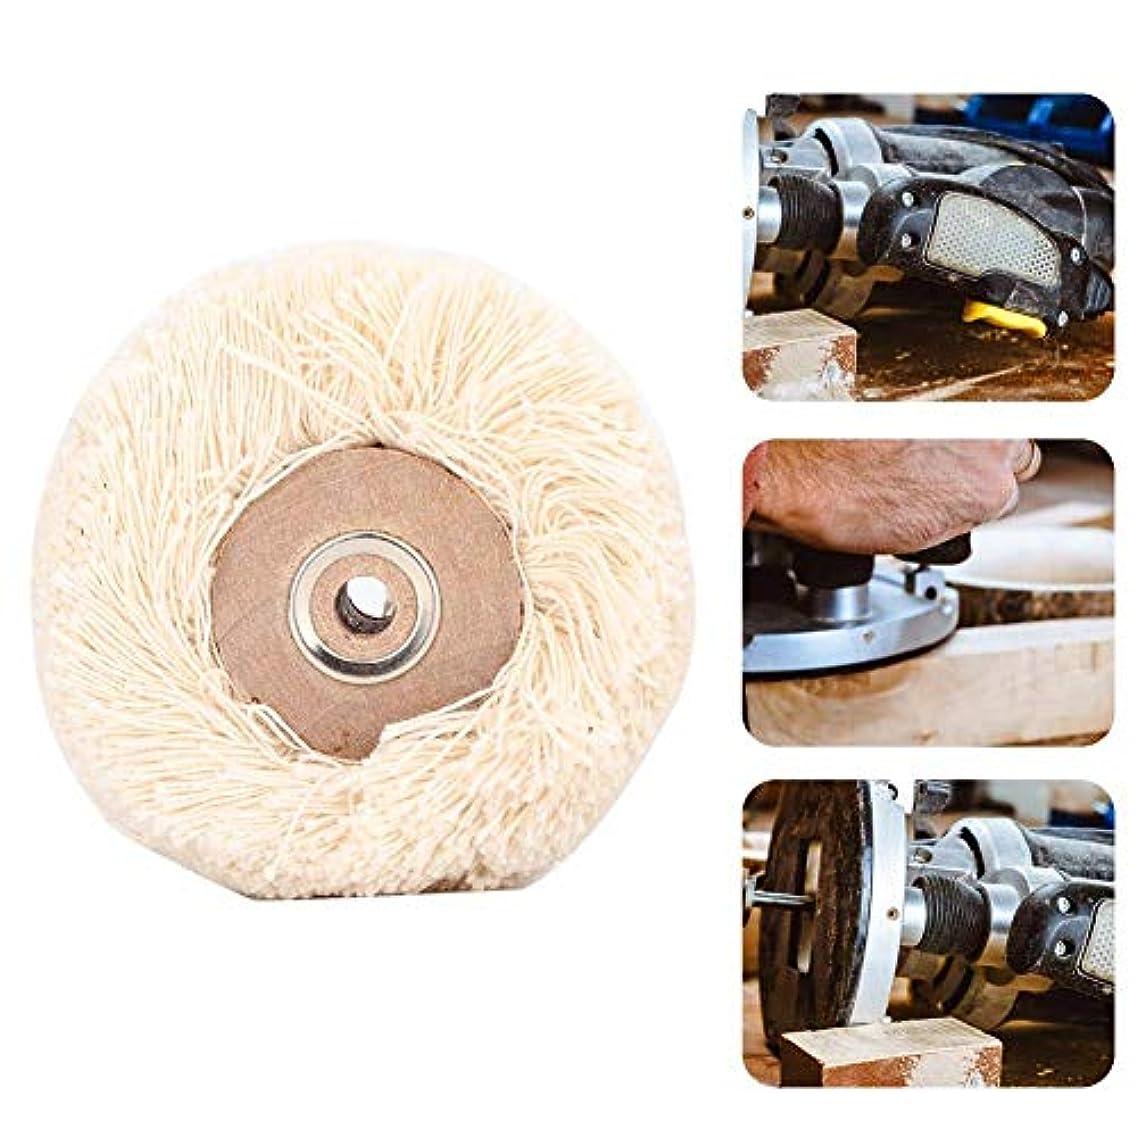 真夜中ピアース不定研磨ヘッド 回転工具 研磨ドリルグラインダーホイールブラシジュエリー研磨工具(M)